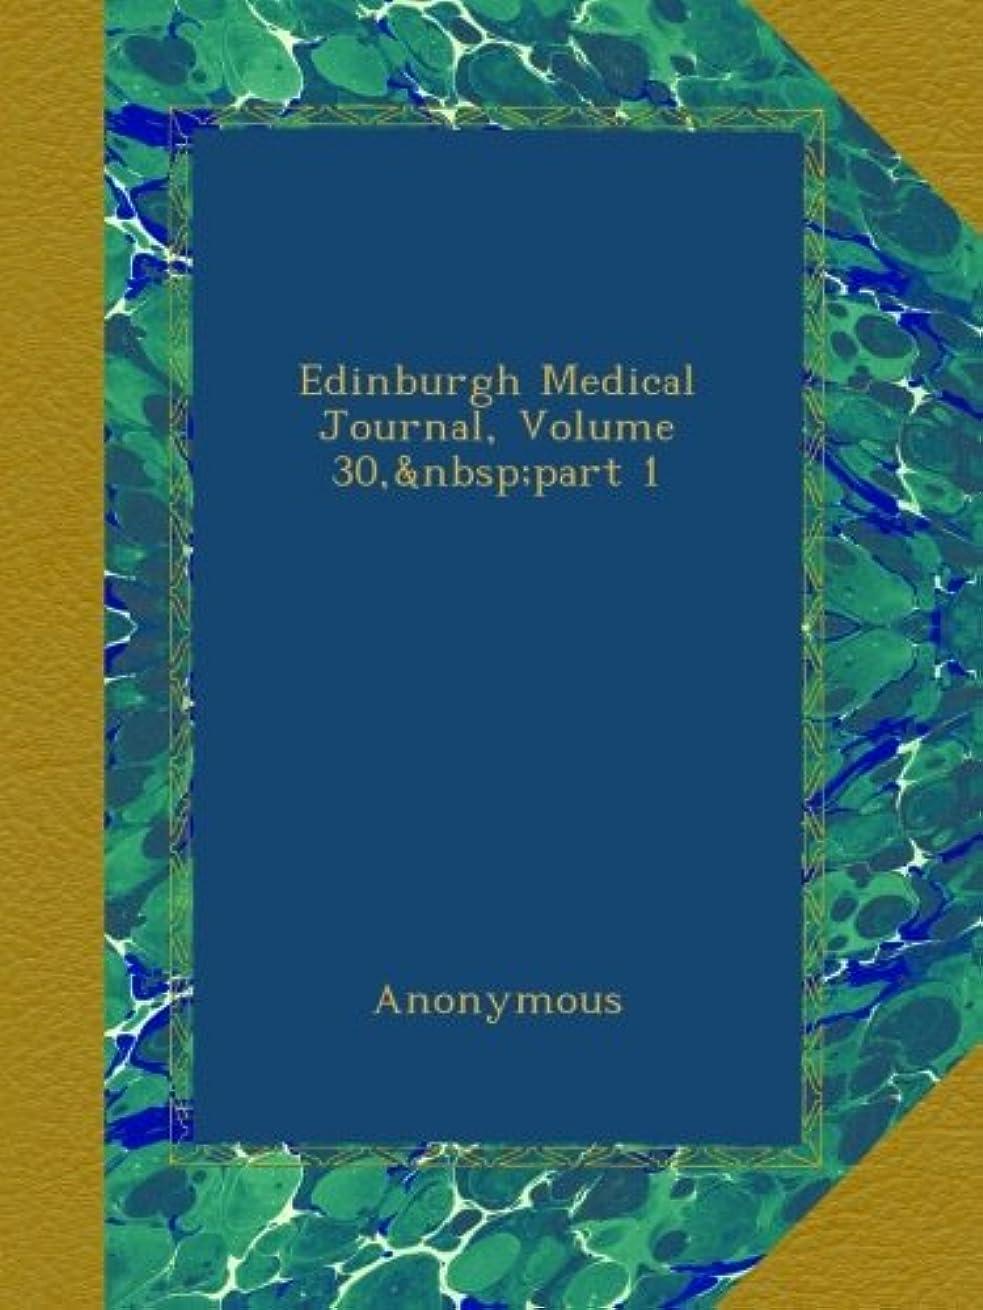 ずっとレディバズEdinburgh Medical Journal, Volume 30,?part 1